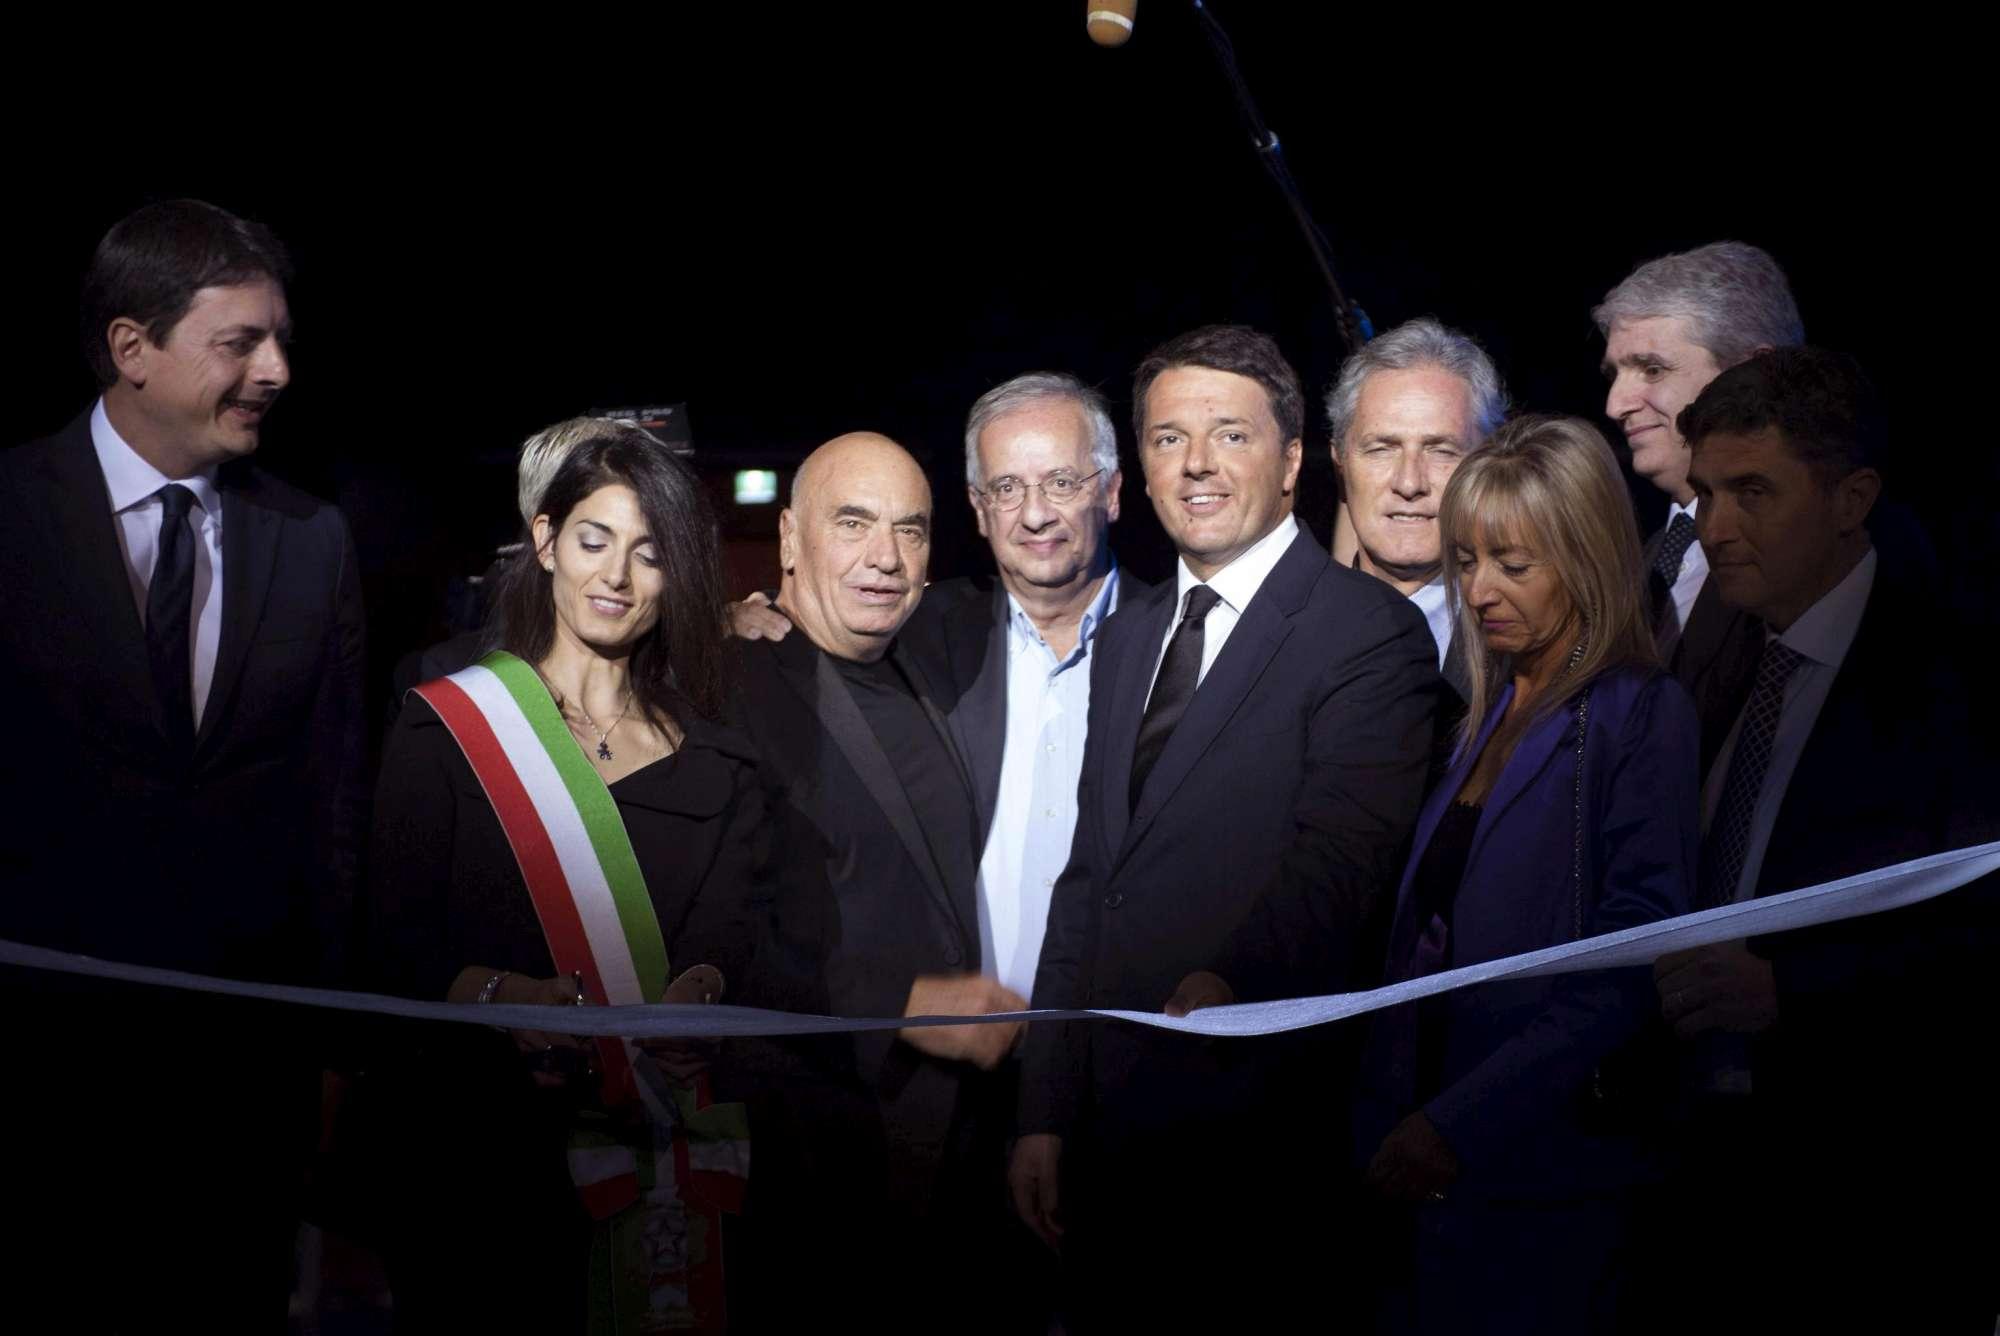 Inaugurata la Nuvola di Fuksas a Roma. E la Raggi accusa sugli sprechi